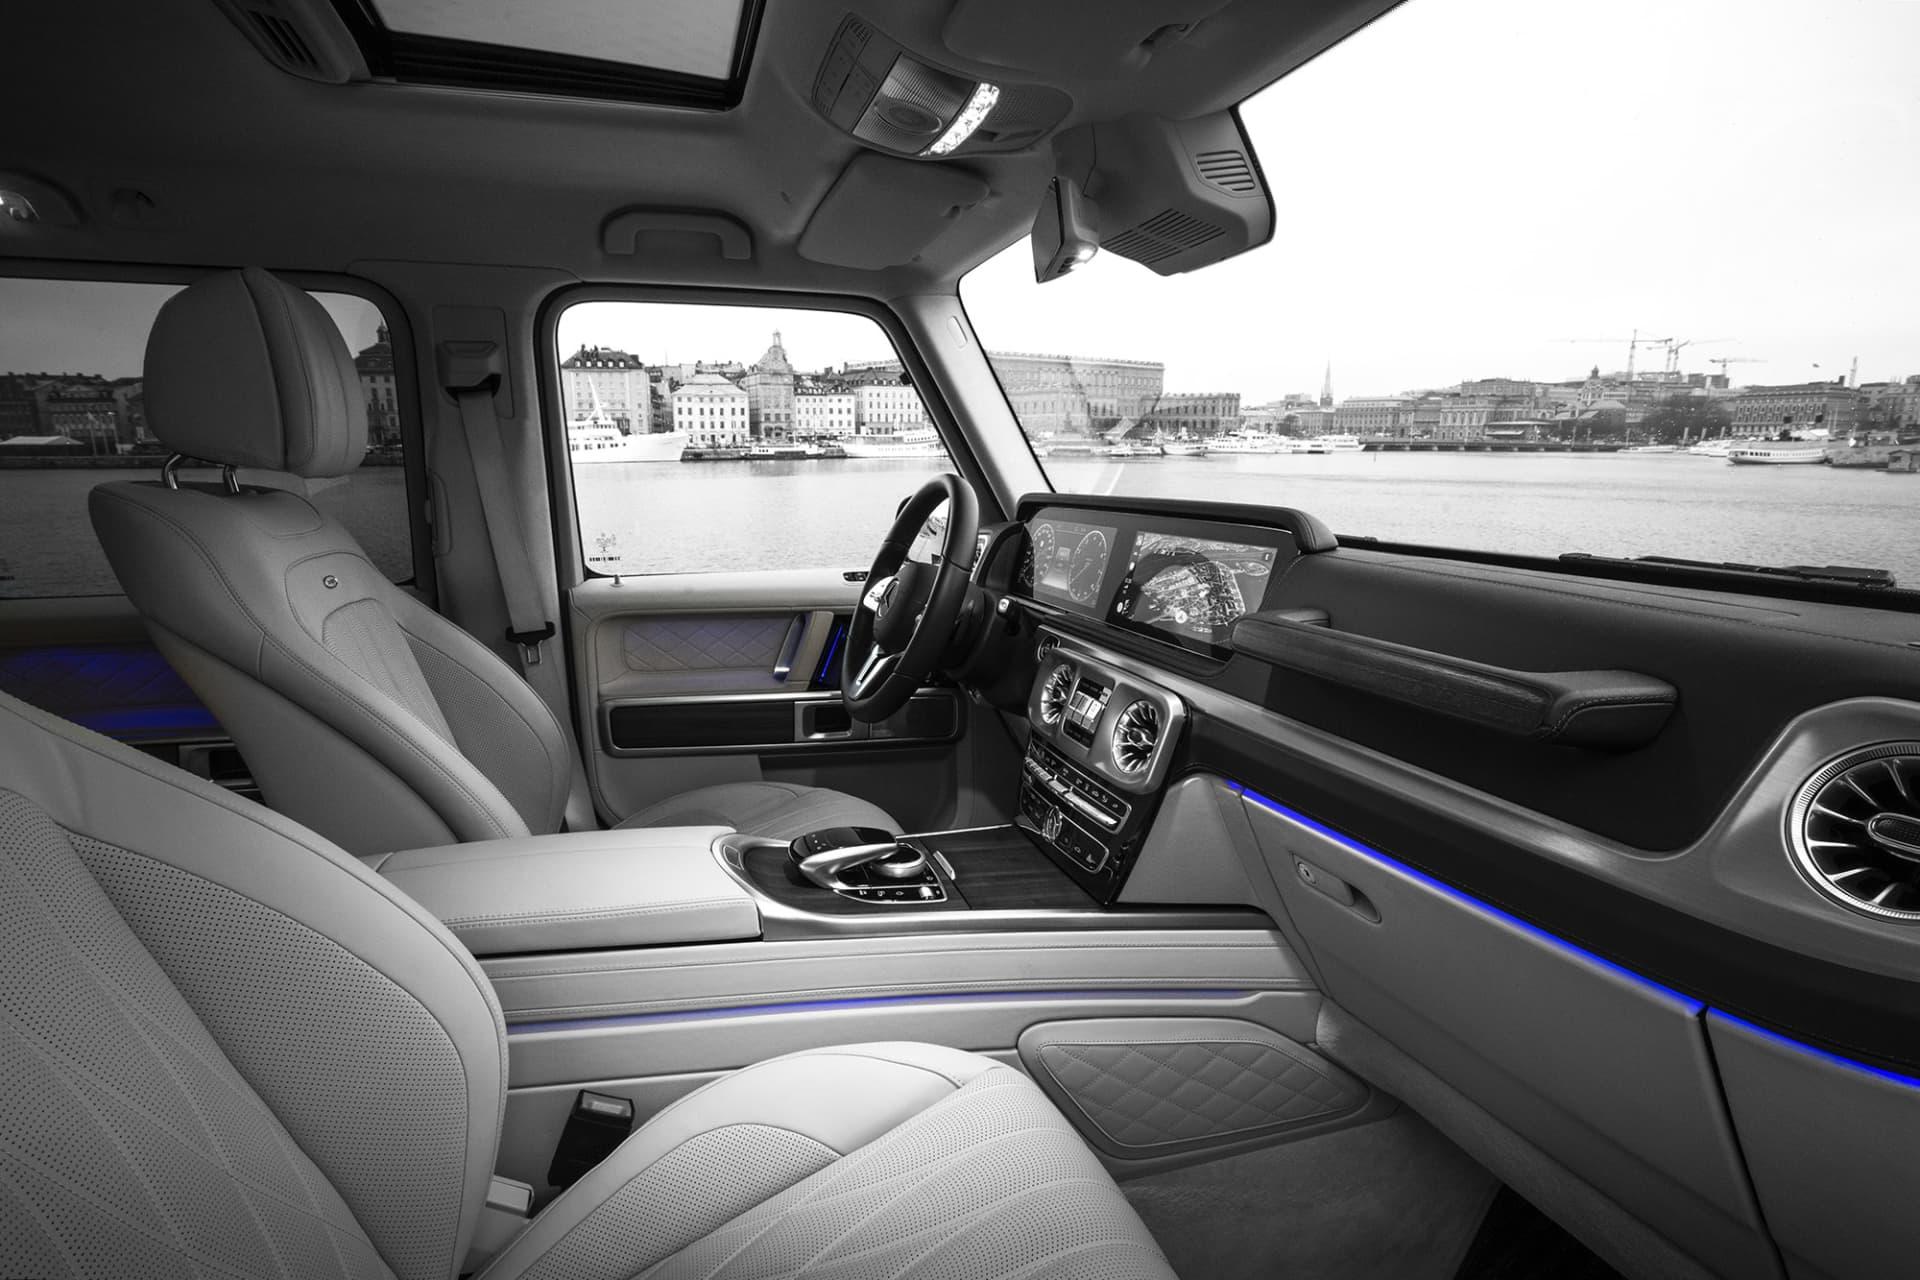 Interiören är det som genomgått den största förändringen sedan förra generationen. Nu är bilen mer rymlig och digitala skärmar och panelljus har flyttat in.